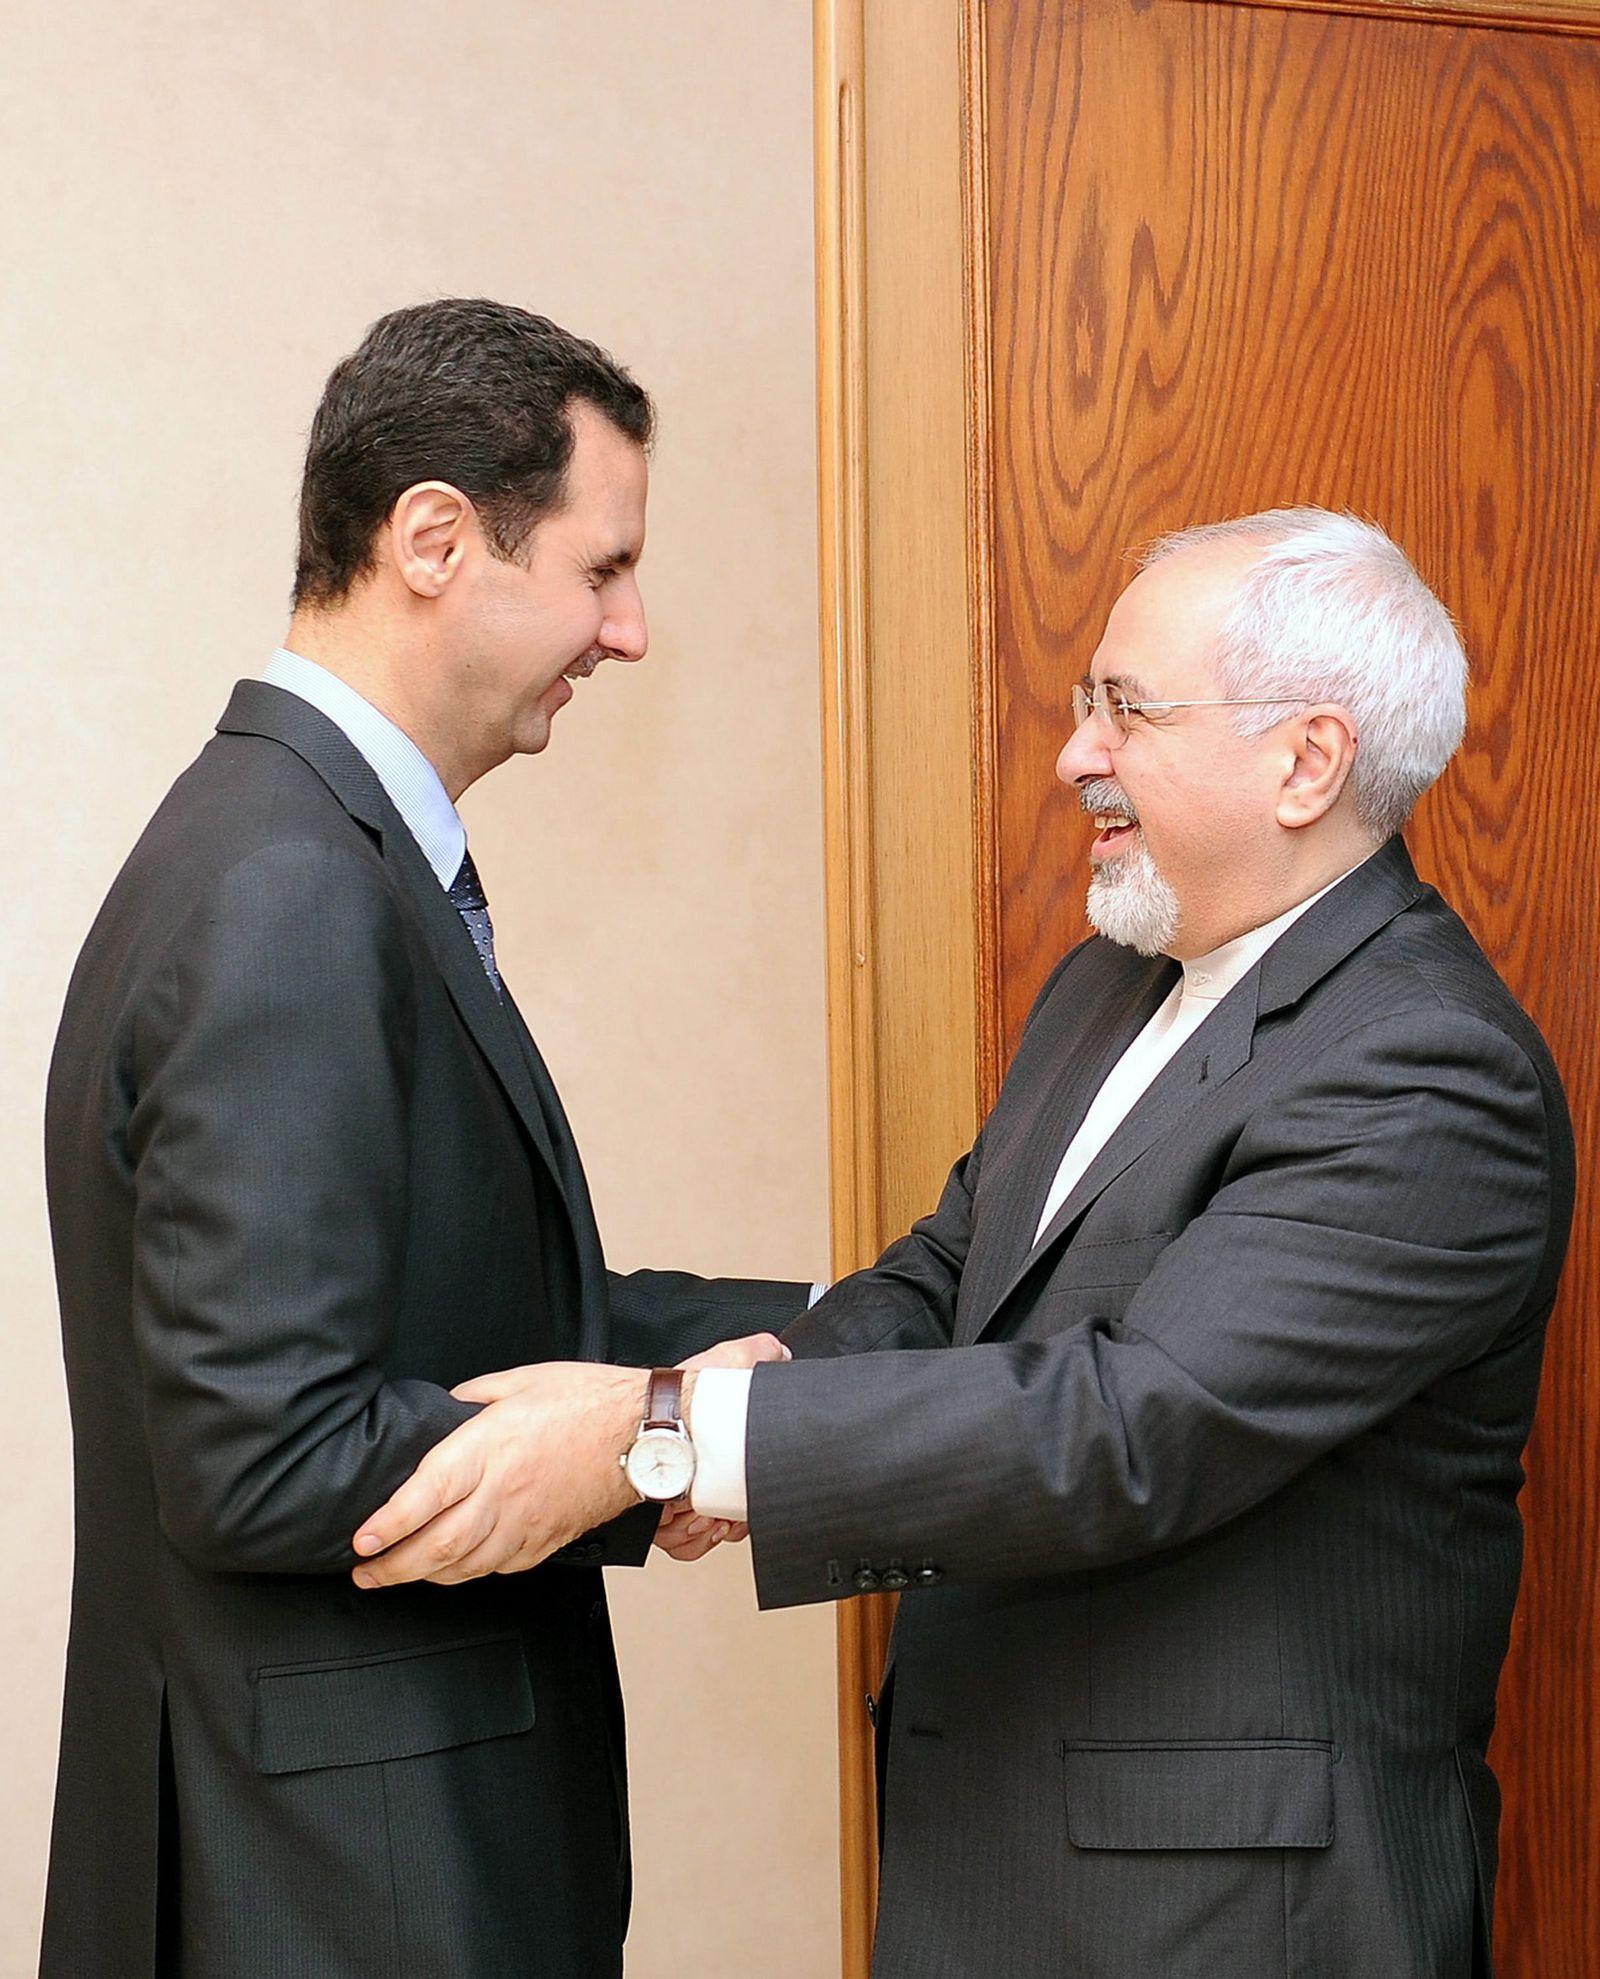 Assad/Sarif